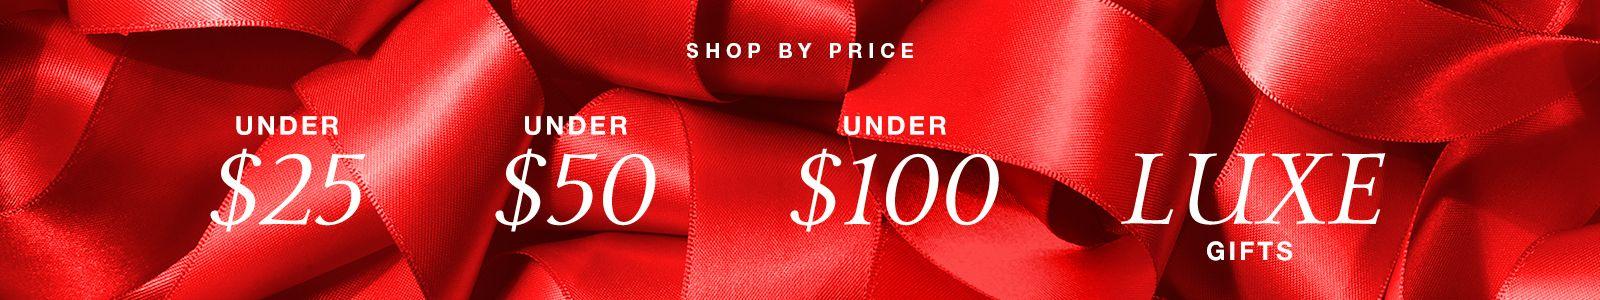 Shop By Price, Under $25, Under $50, Under $100, Luxe Gifts